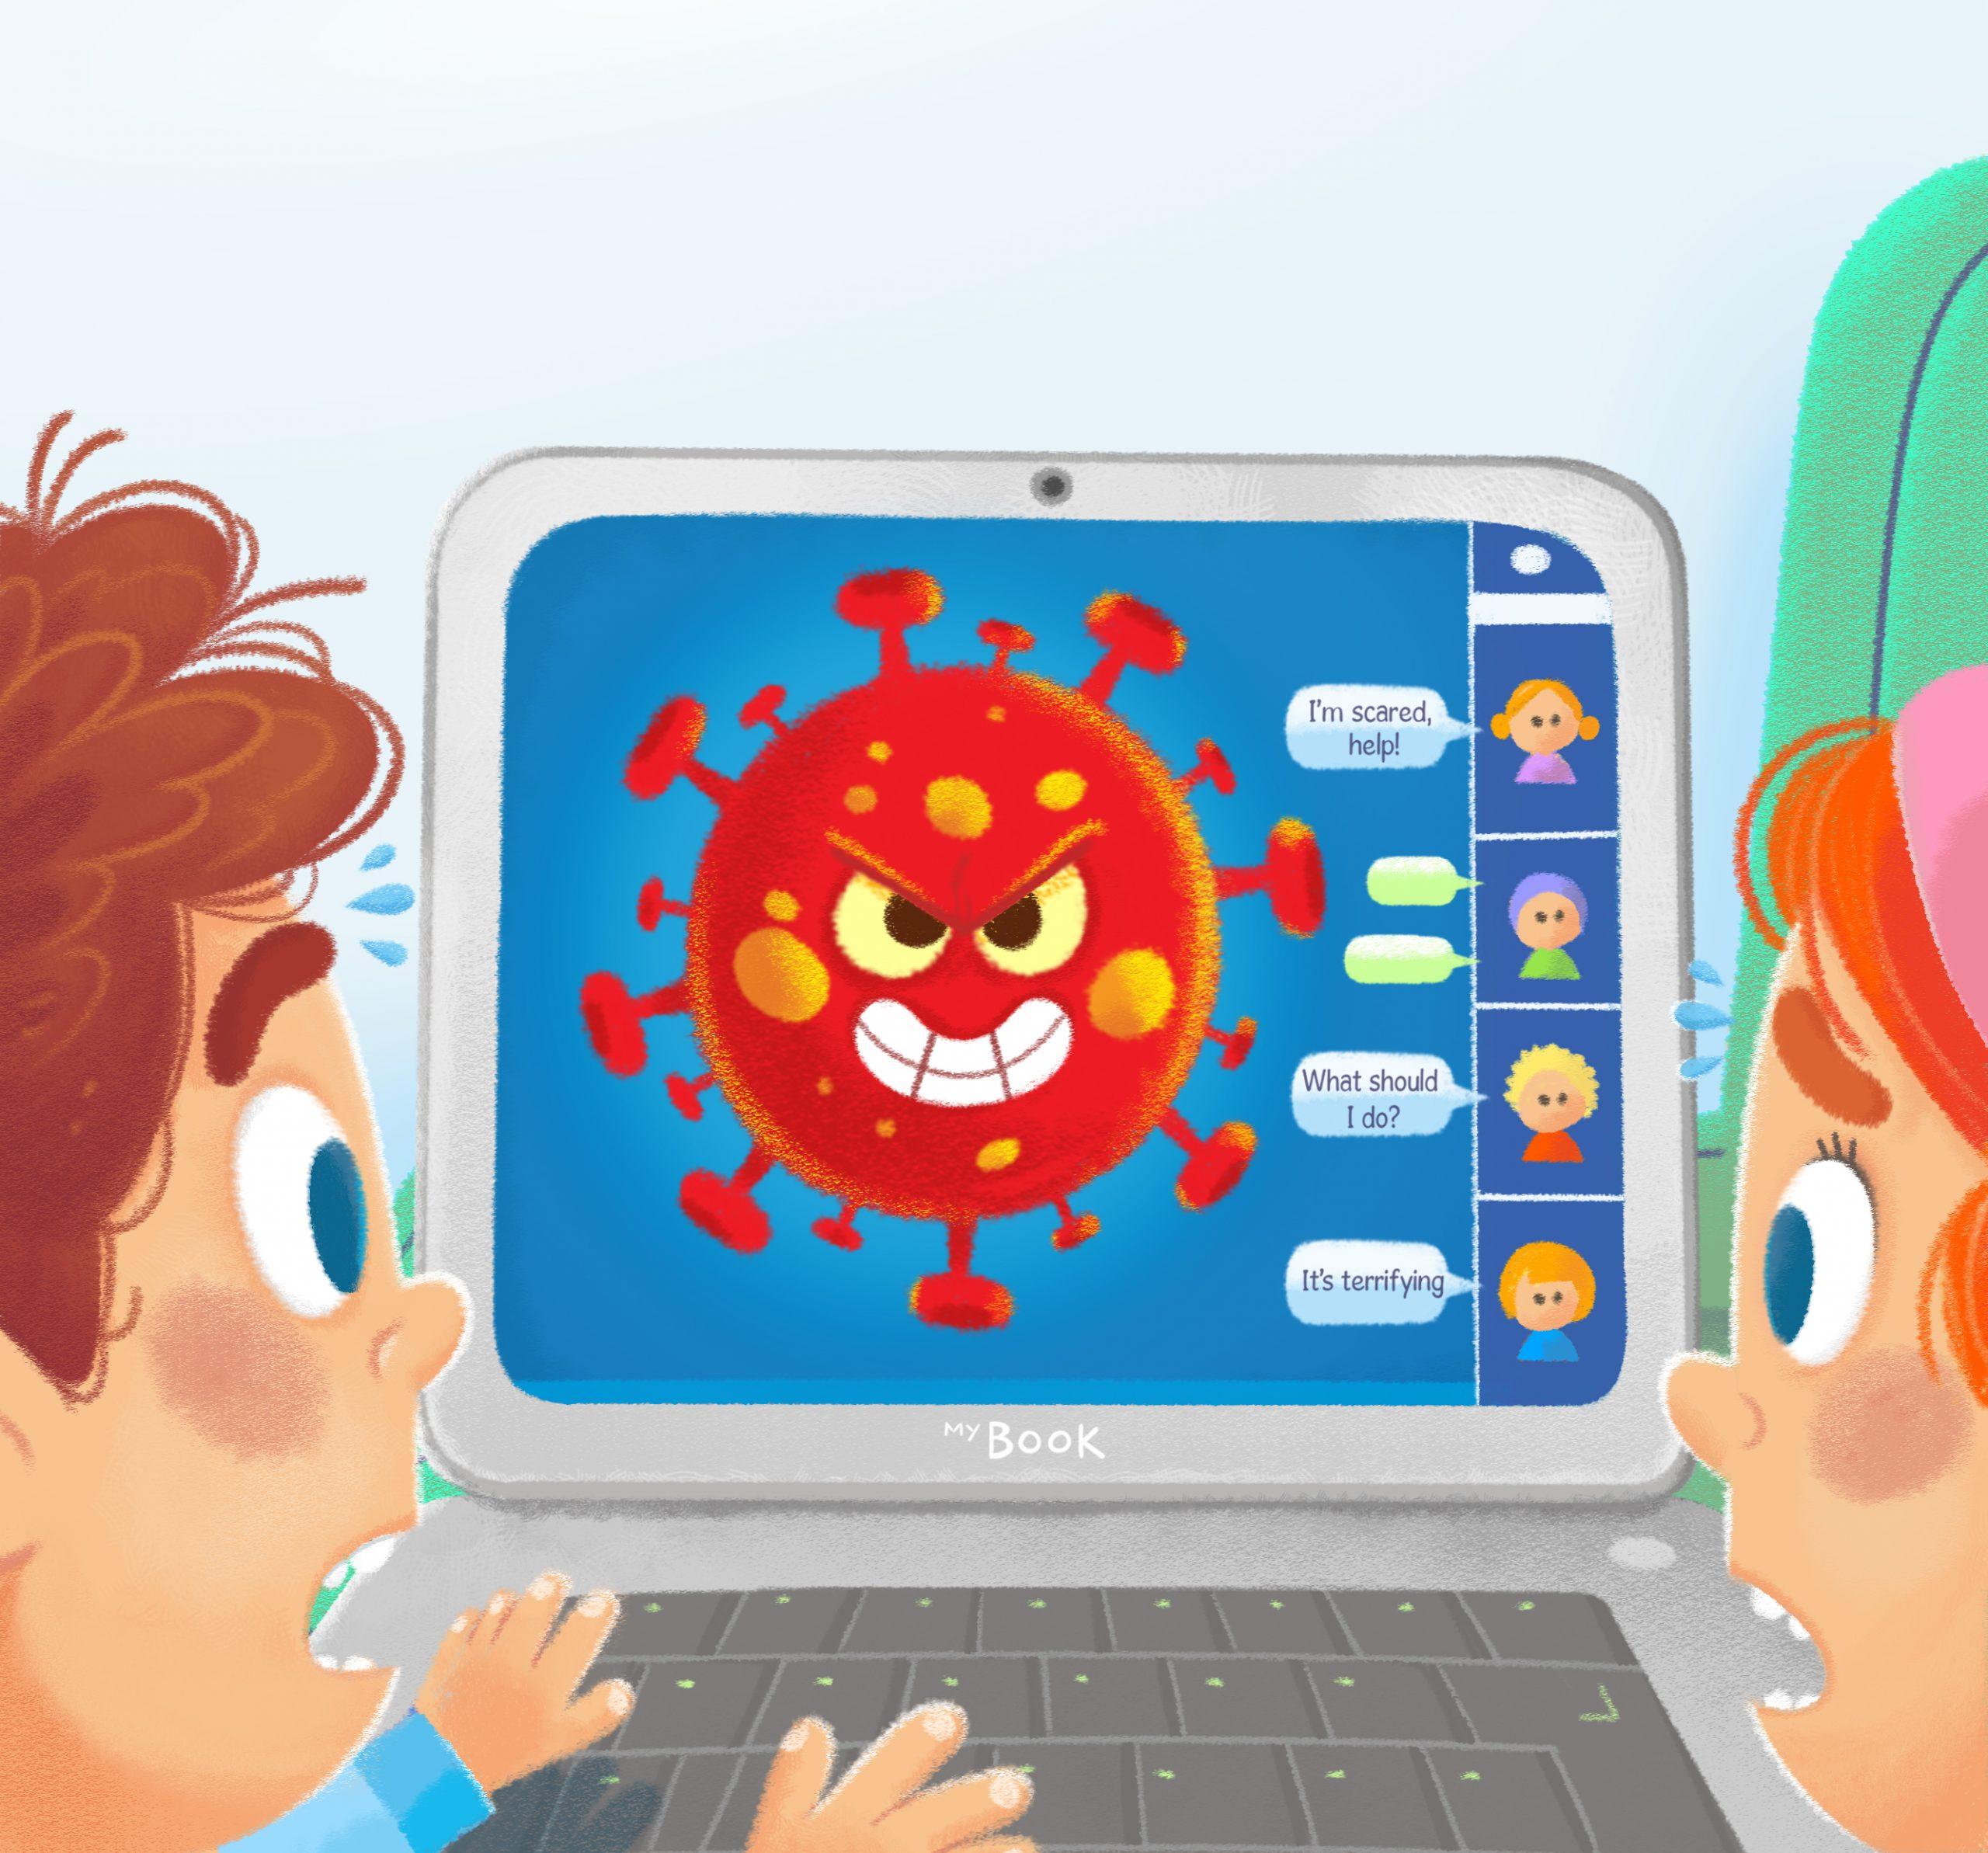 كتاب إلكتروني للأطفال يقدم شرحاًمفصلاً برسوم معبرة عن كيفية التعامل مع الأزمة الصحية الحالية